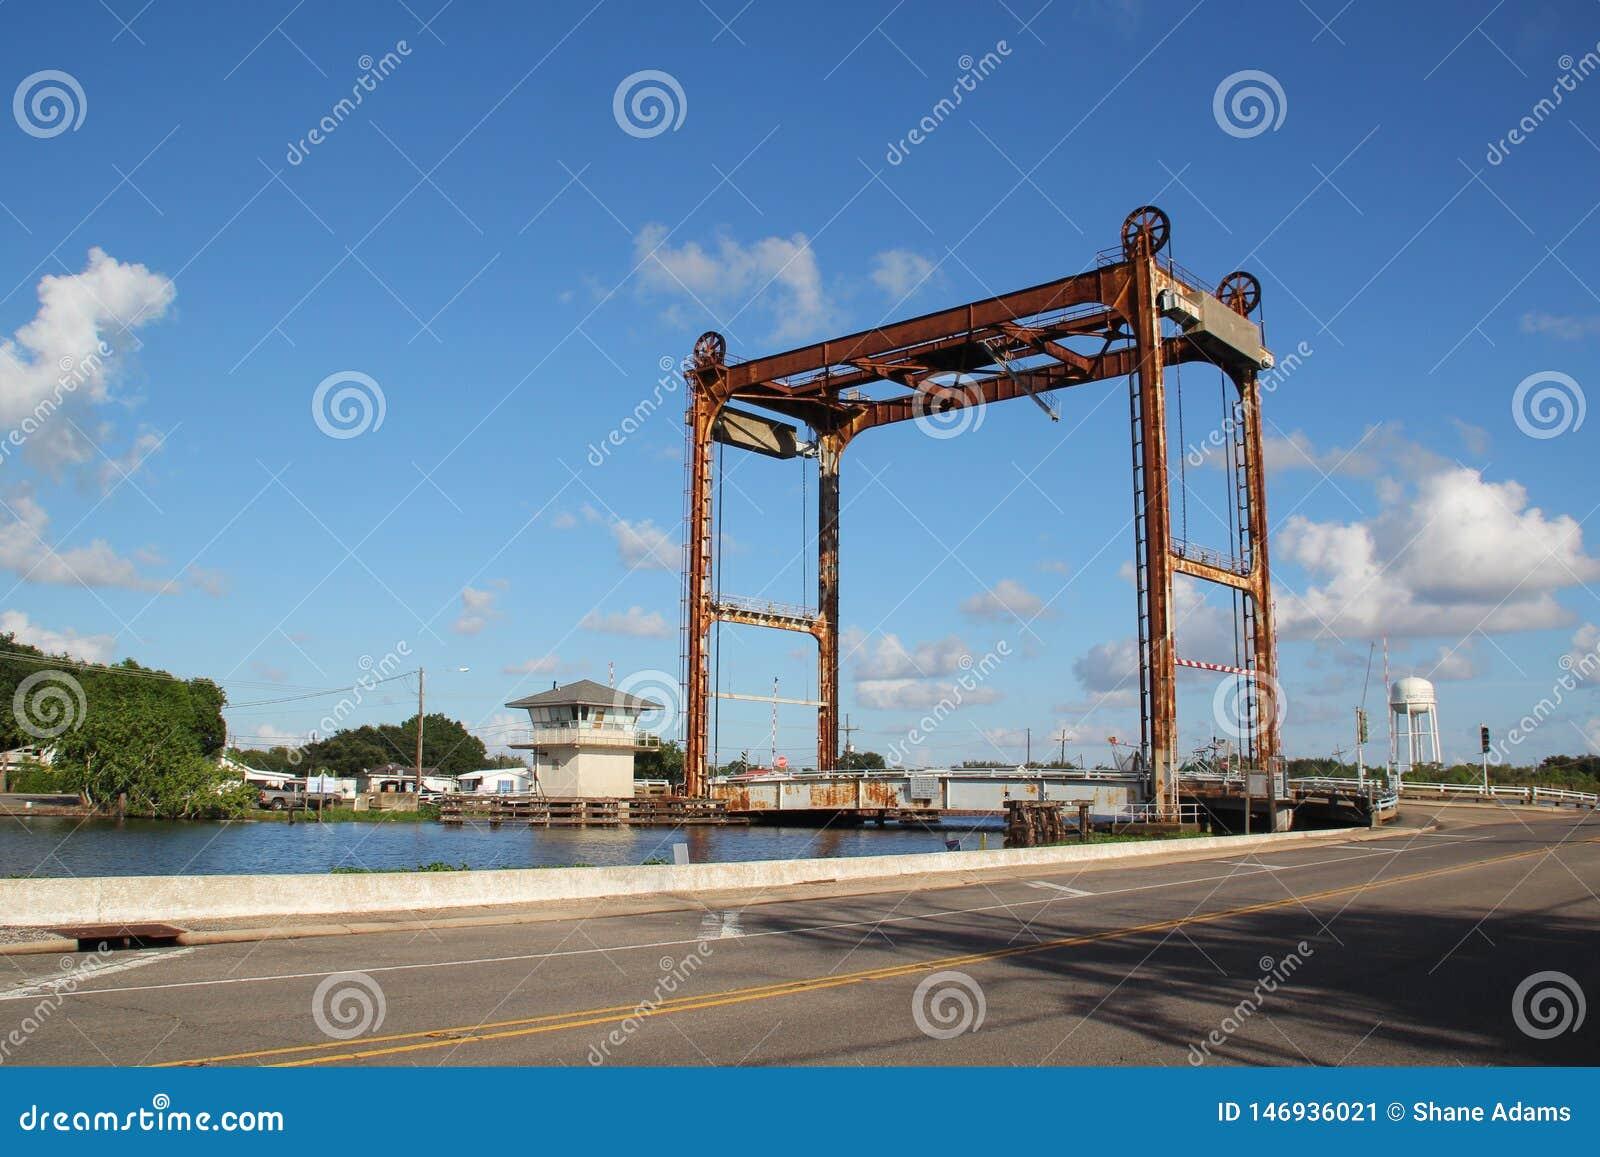 Puente del pantano de Luisiana